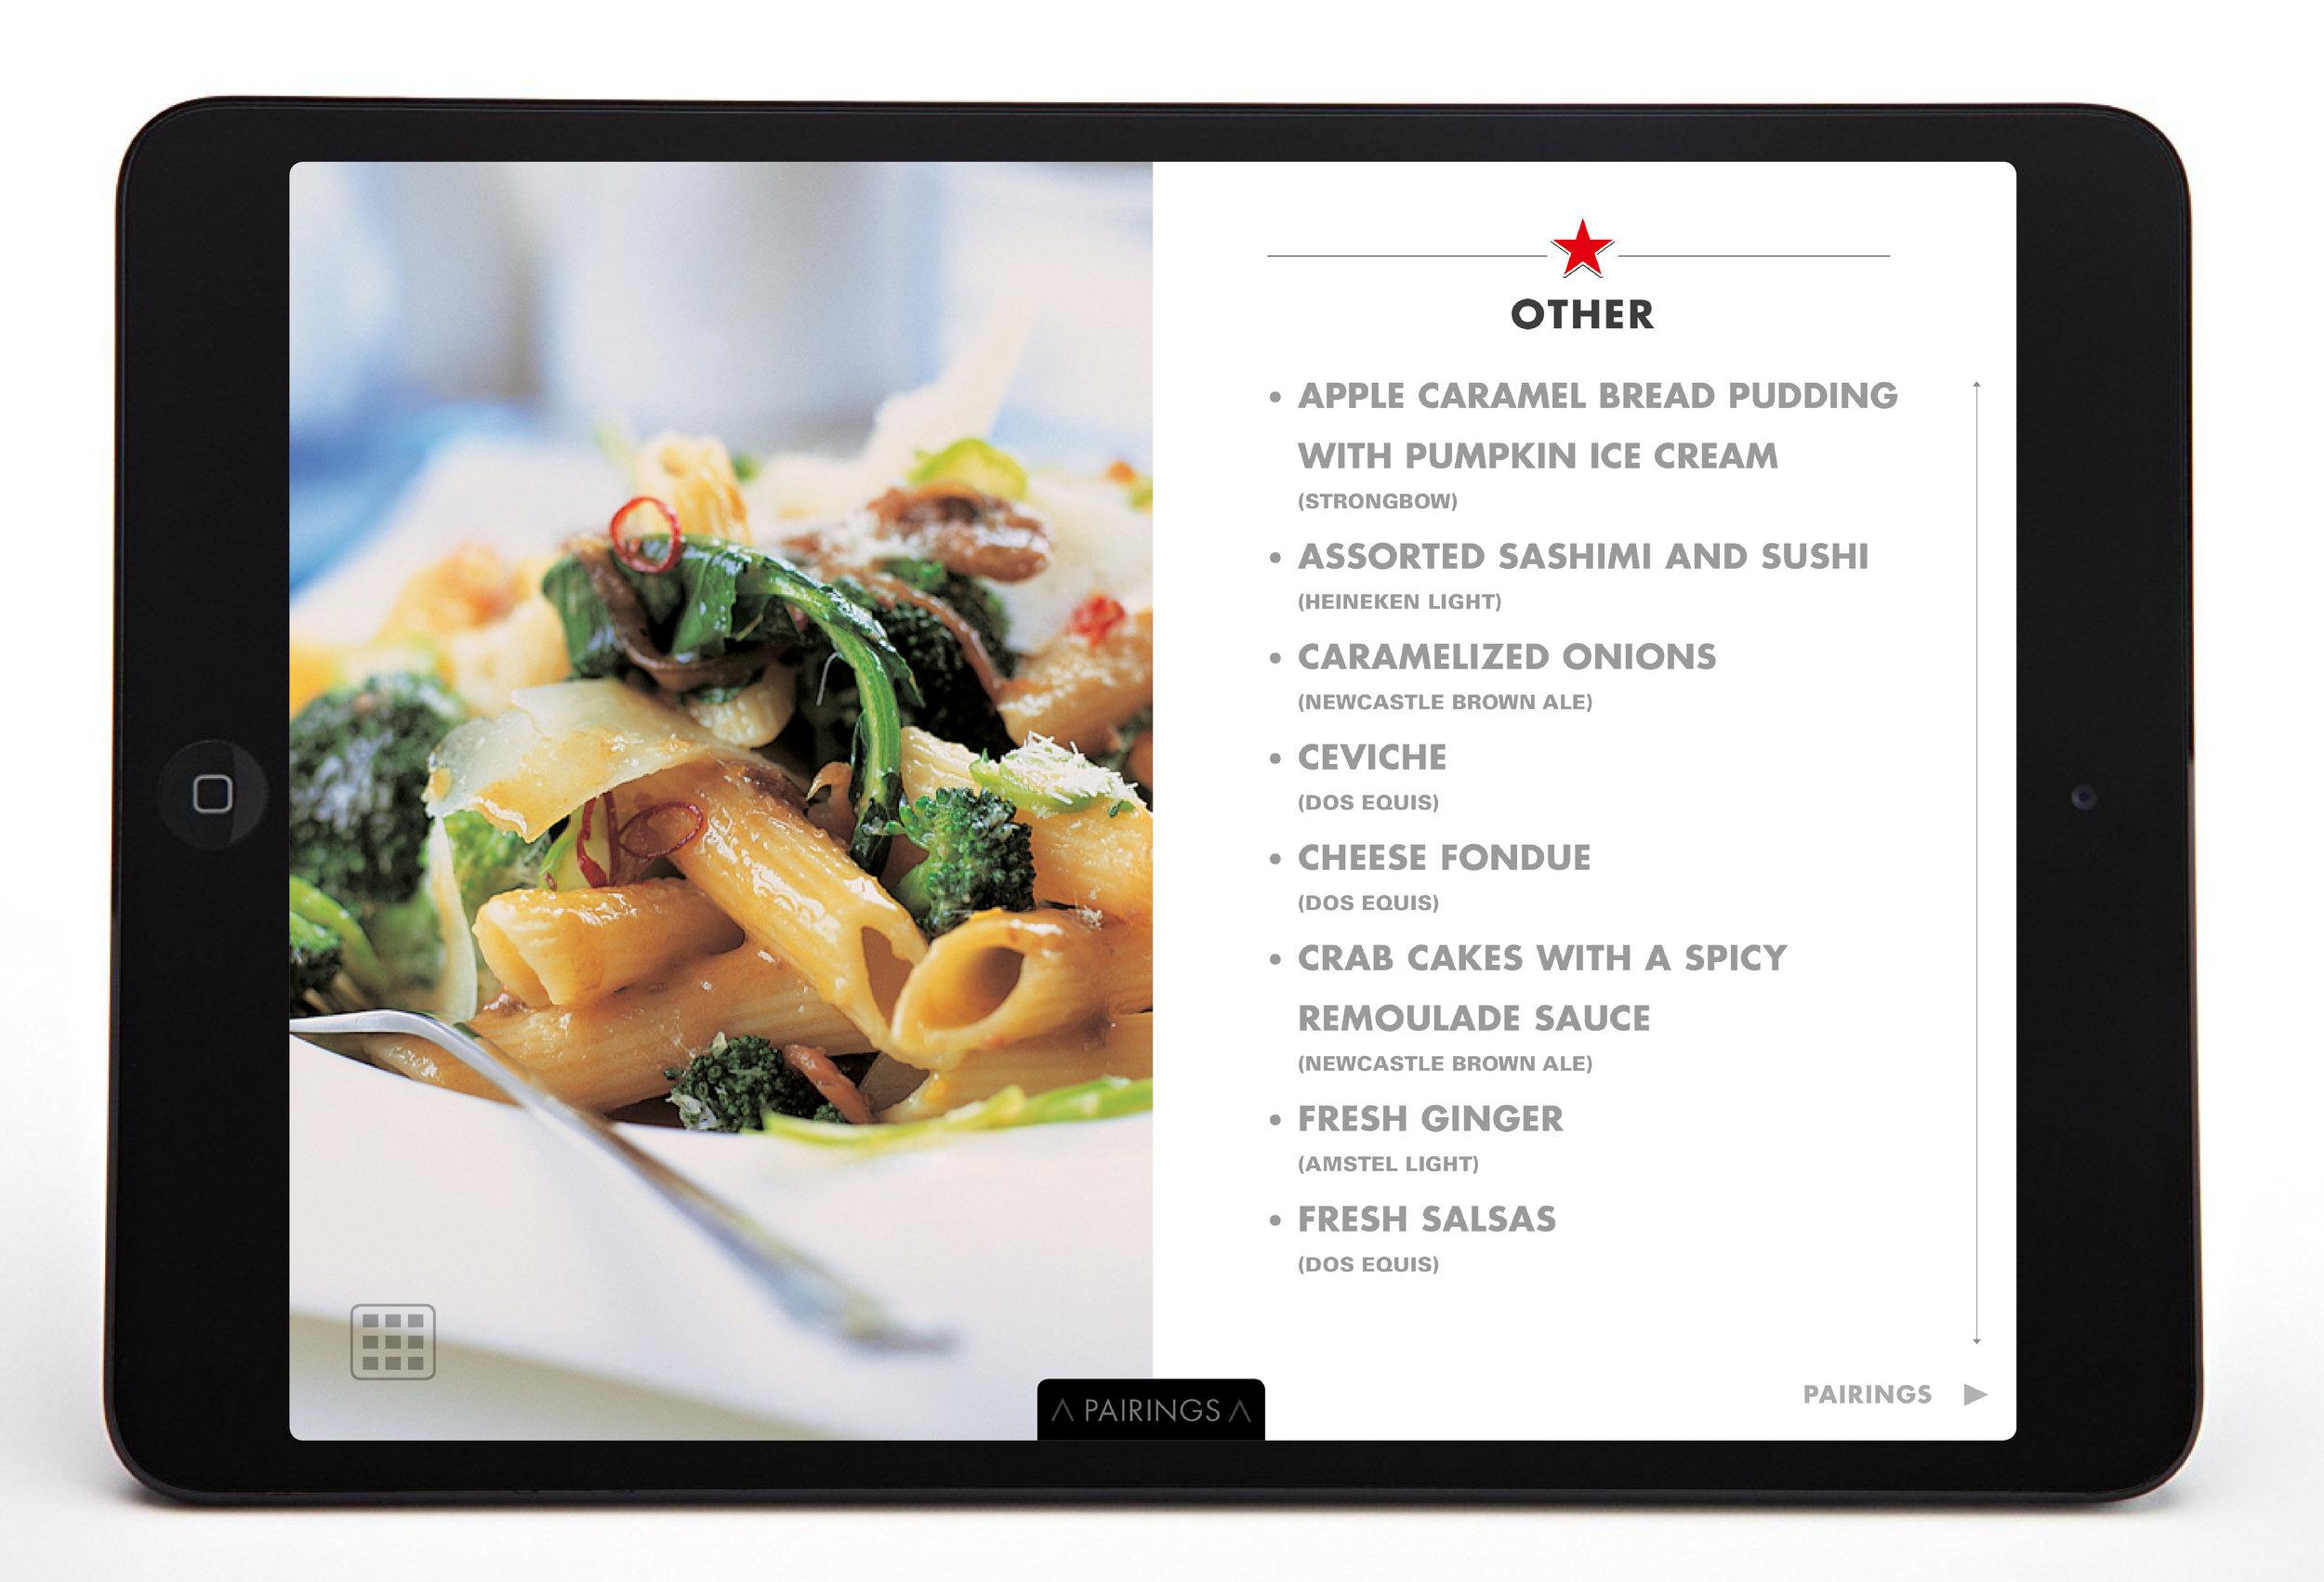 Heineken-food&beer pairing-interactive book49.jpg